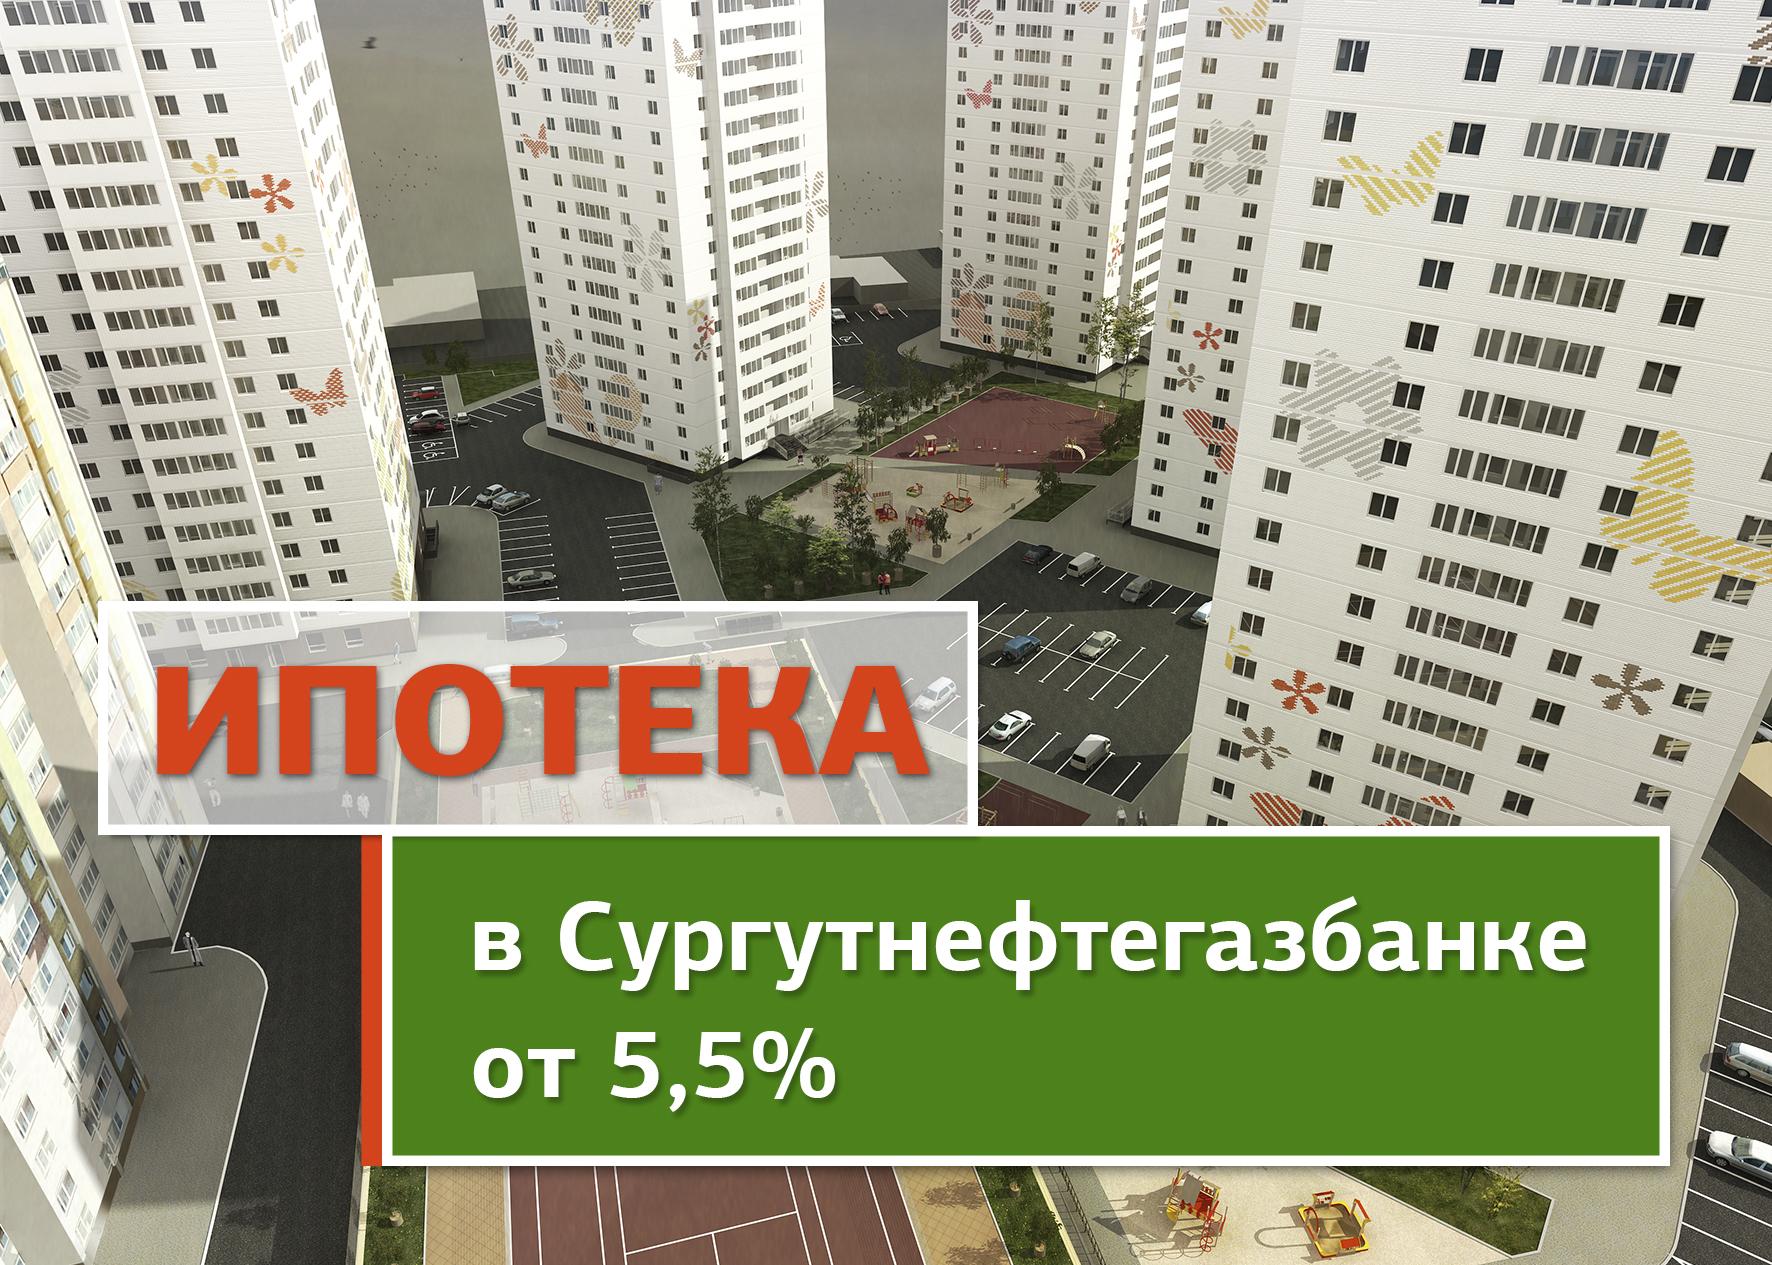 Ипотека на квартиру ЖК «Акварель» в «Сургутнефтегазбанке» от 5,5%